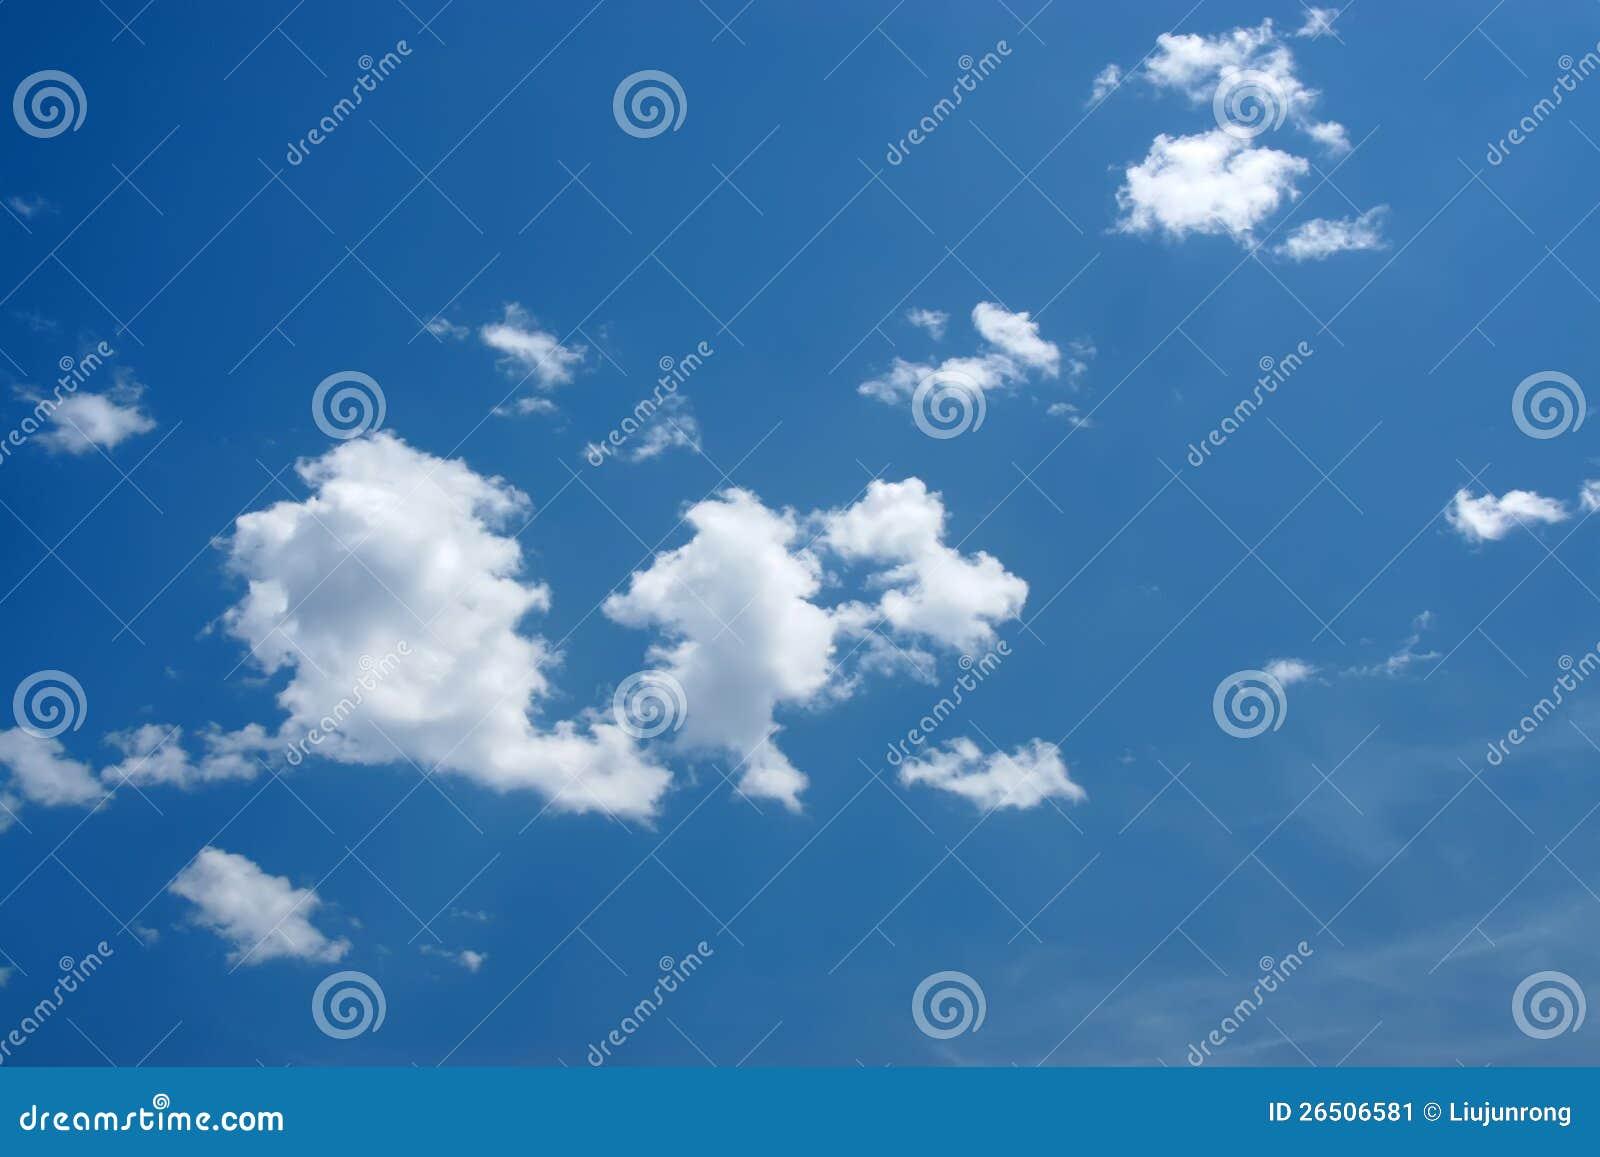 Céu azul e nuvens brancas